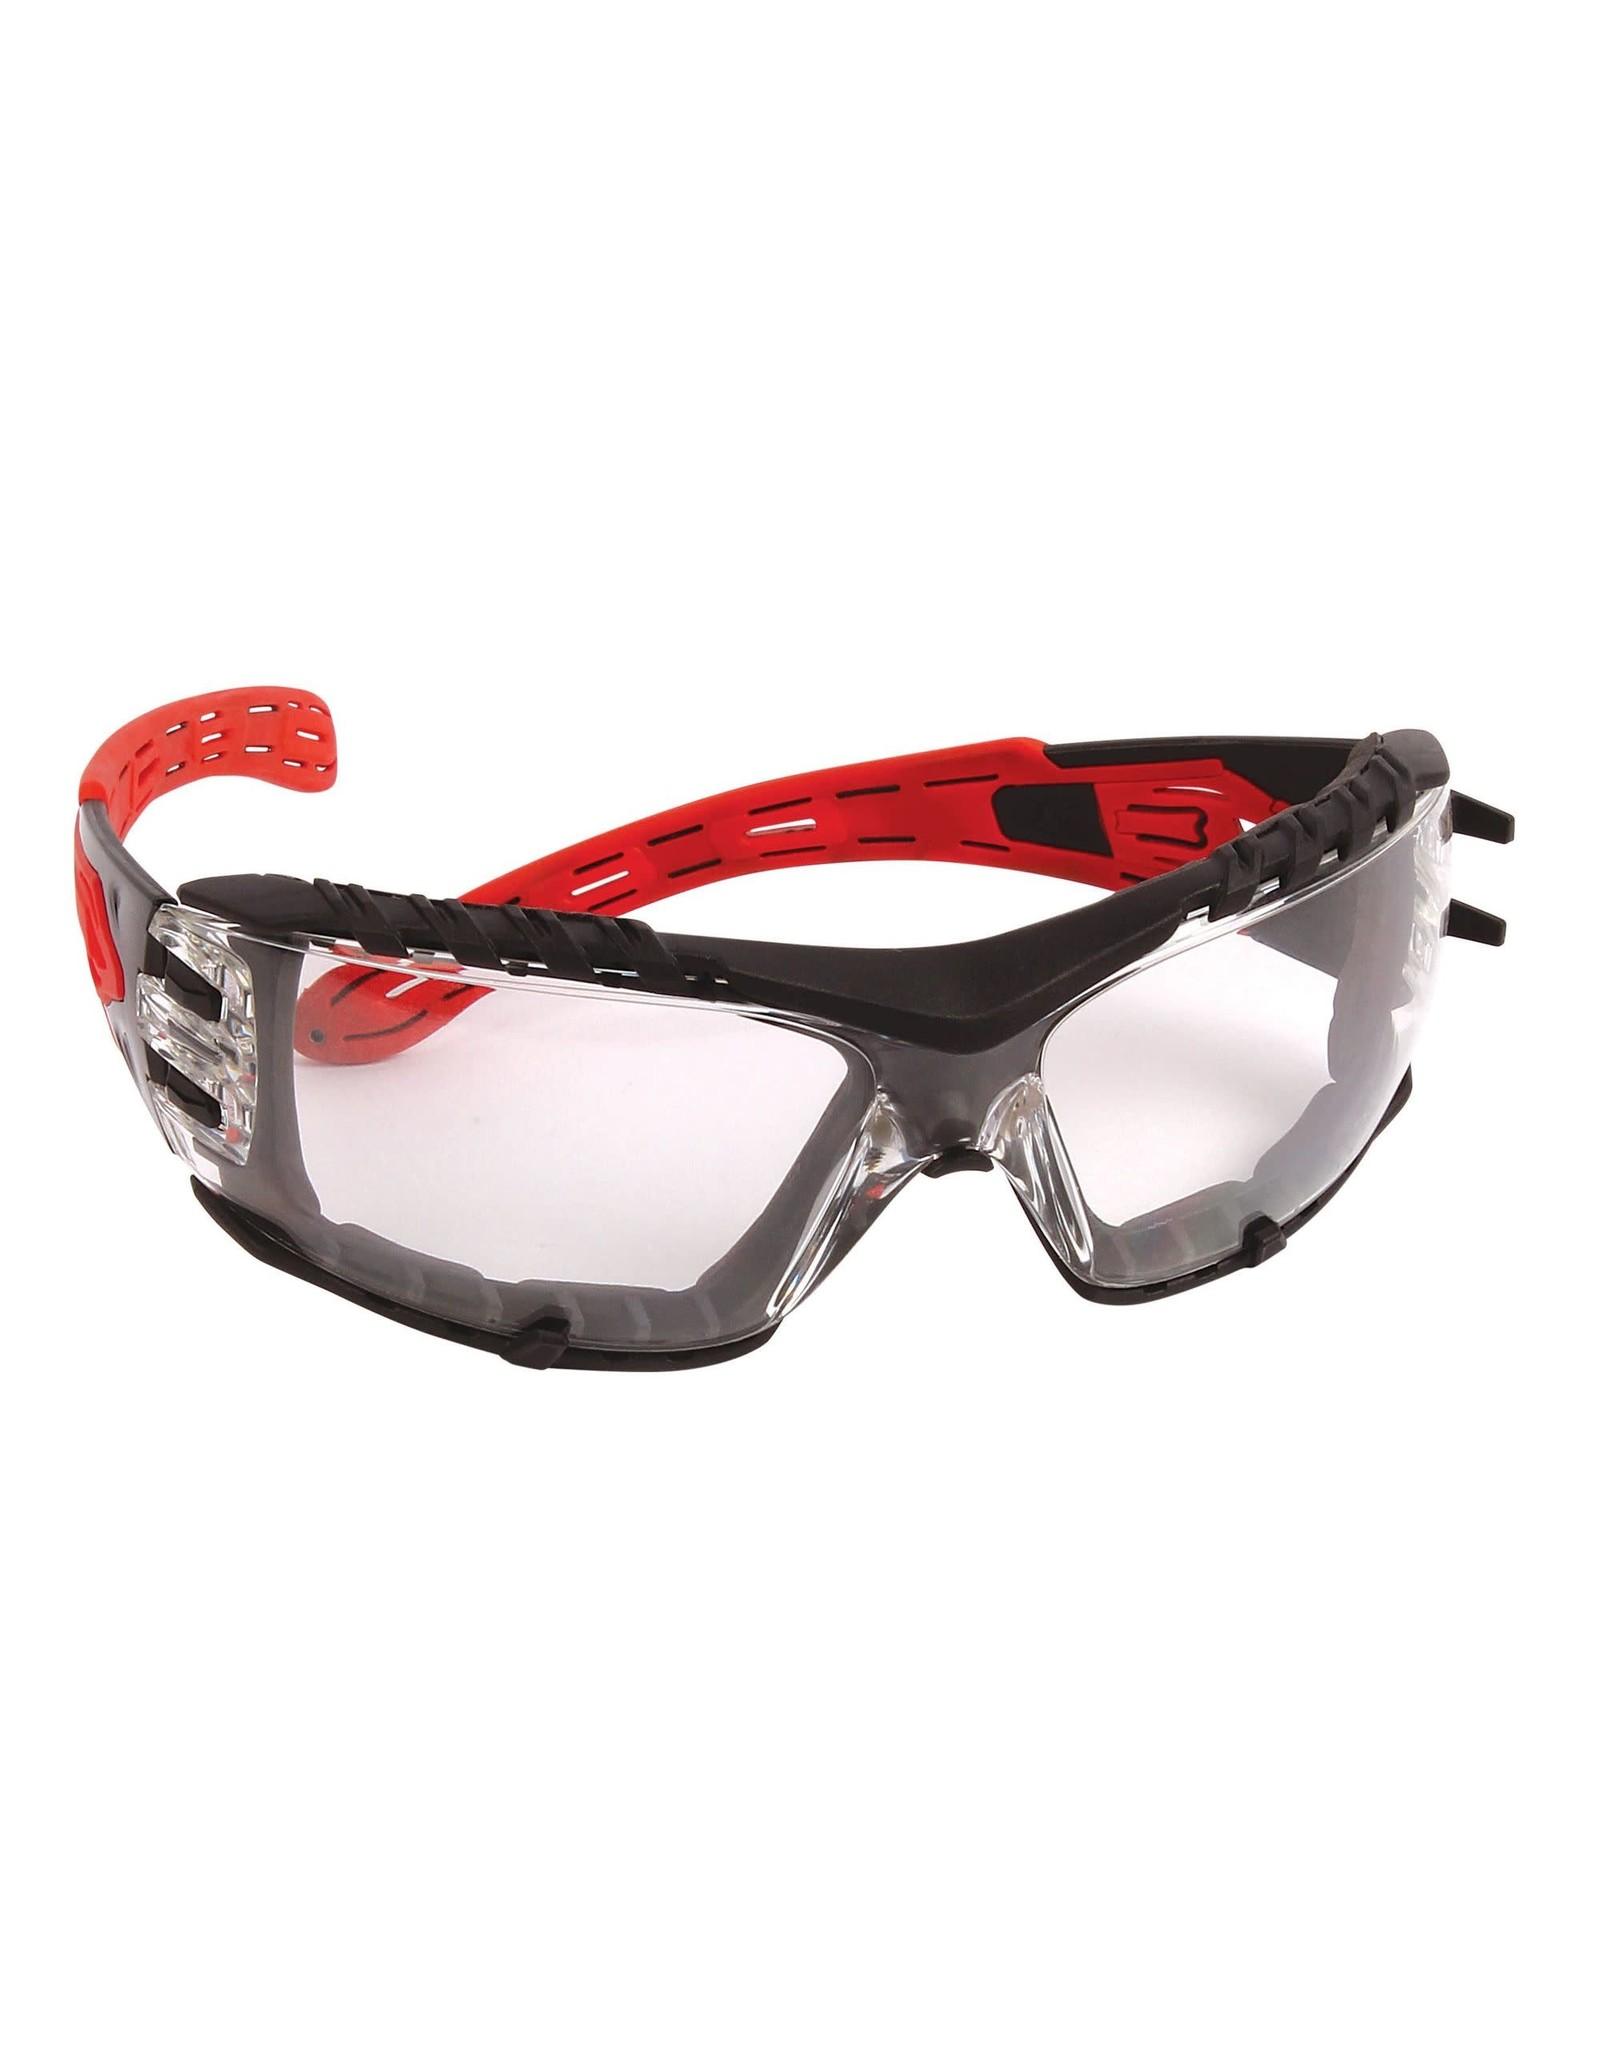 Volcano Safety Glasses